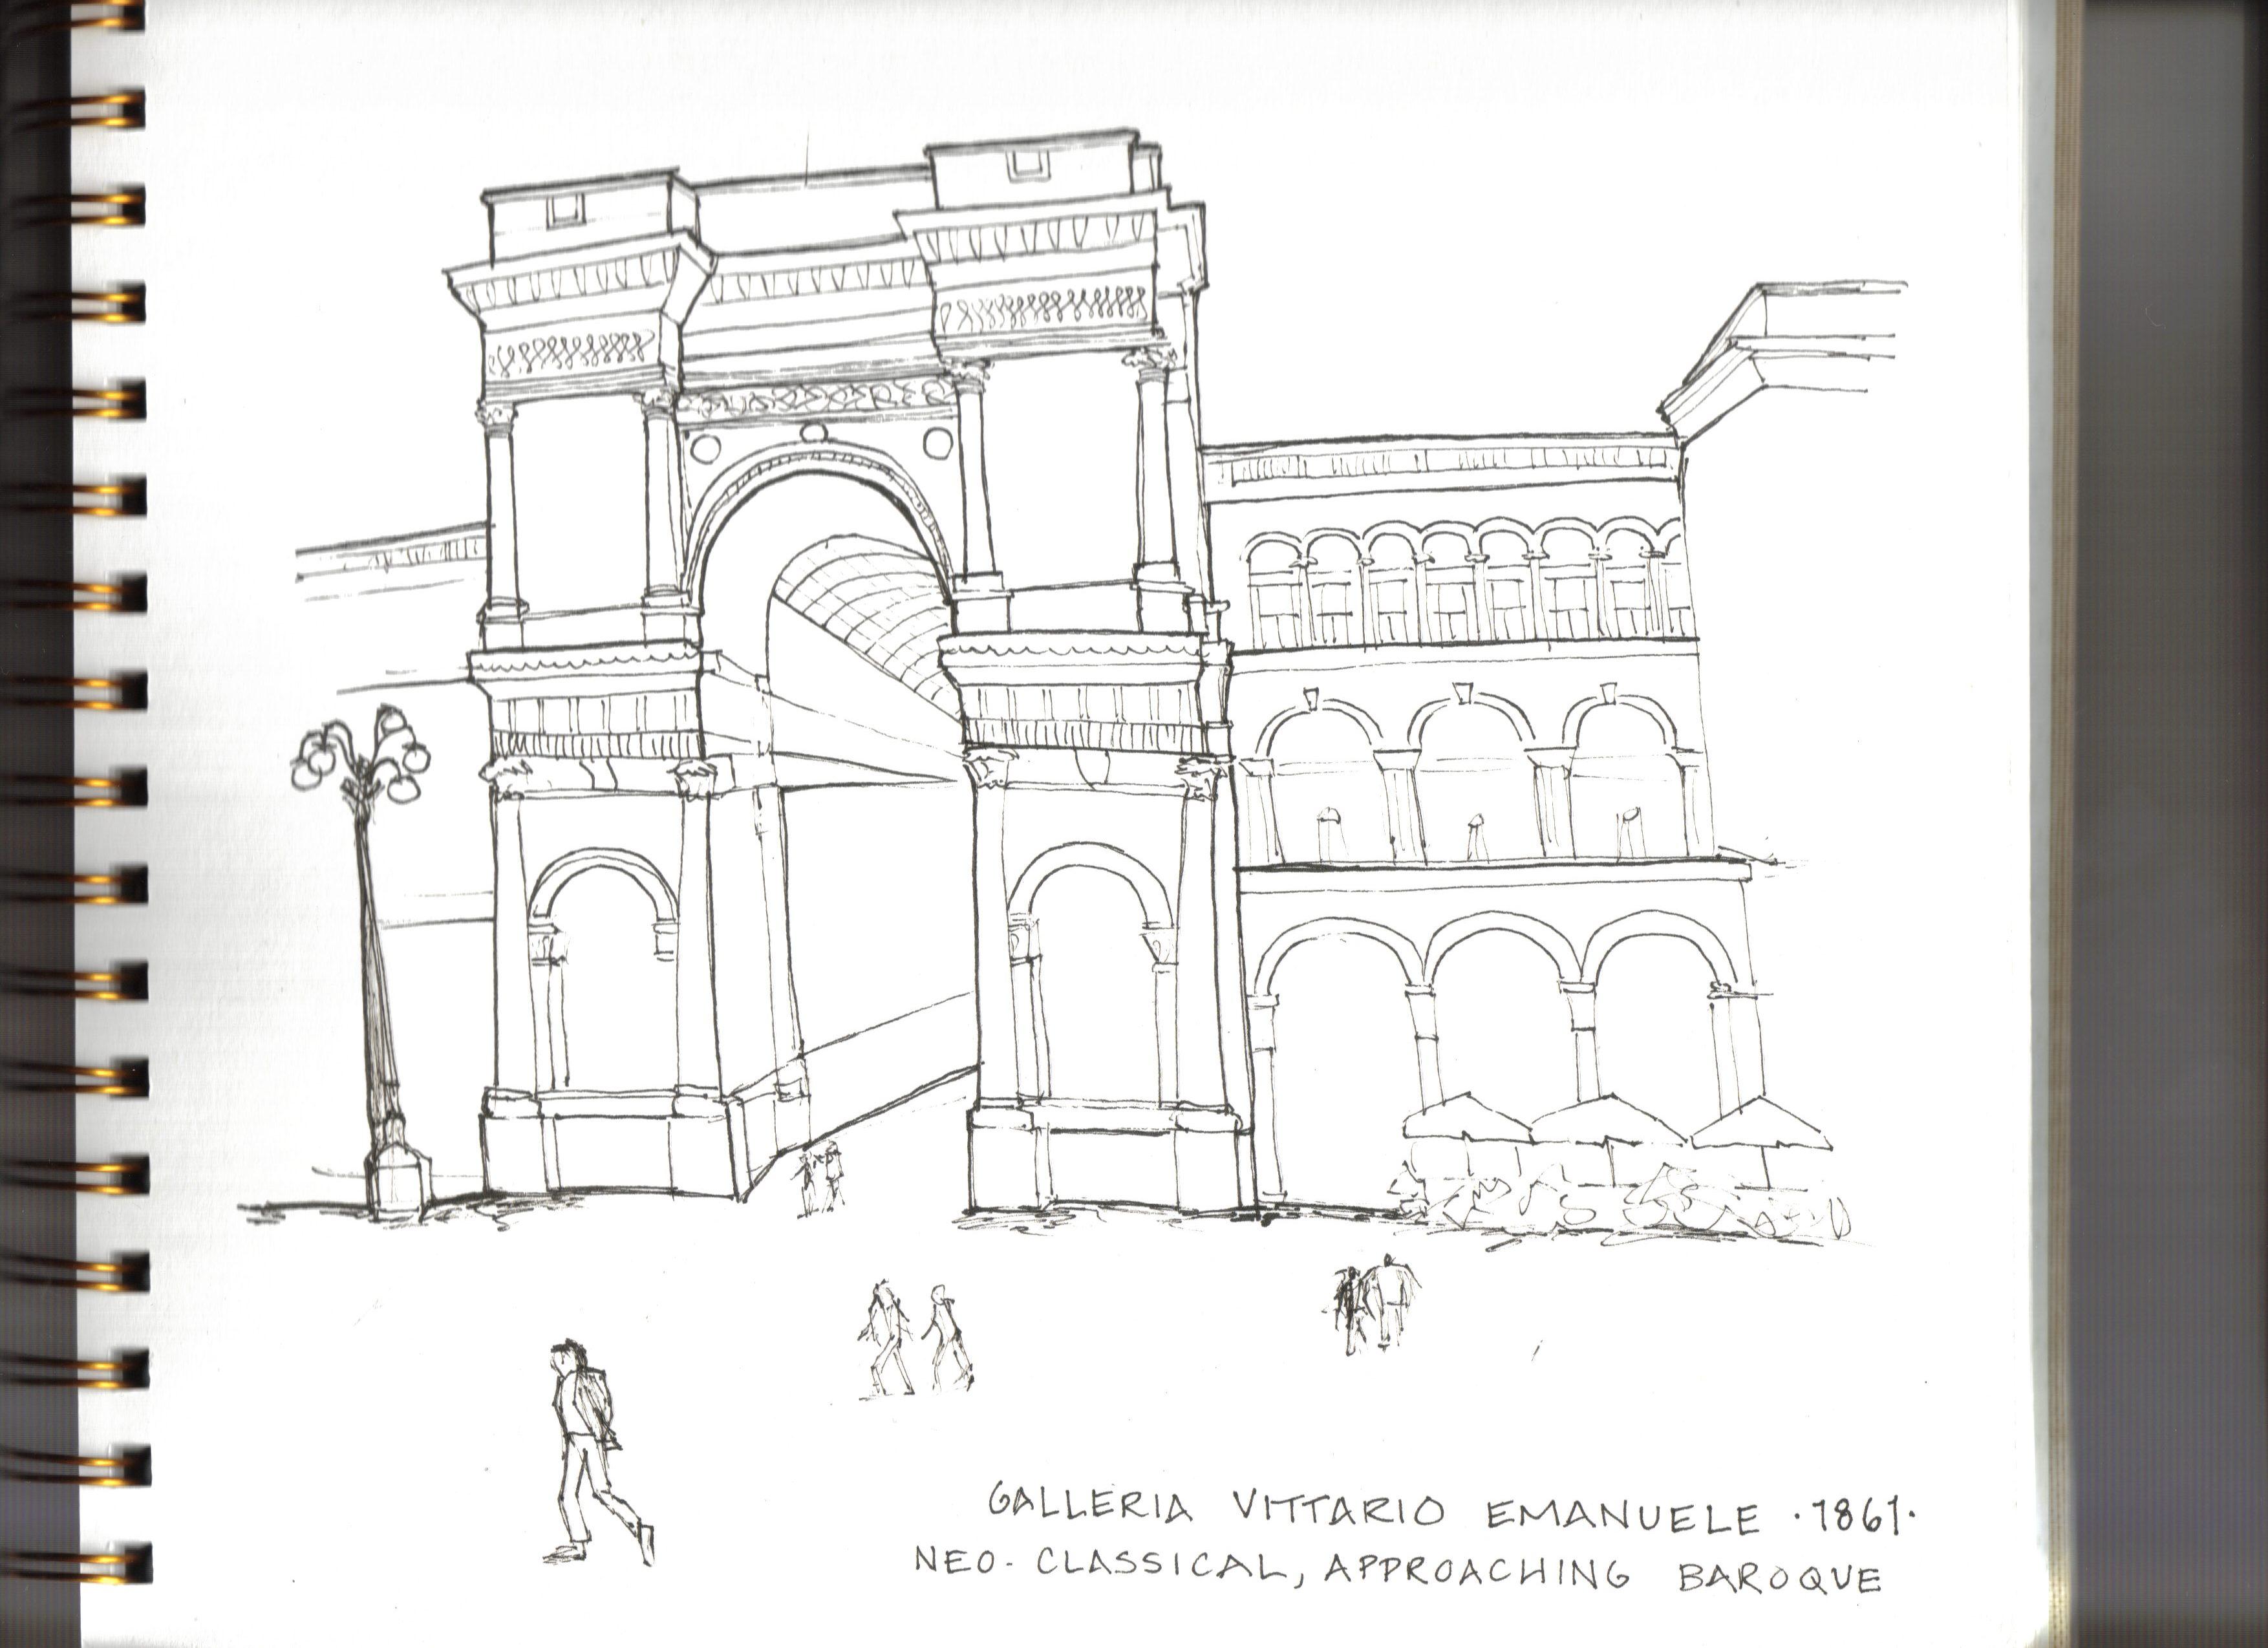 Milan - Galleris Vittario Emanuele